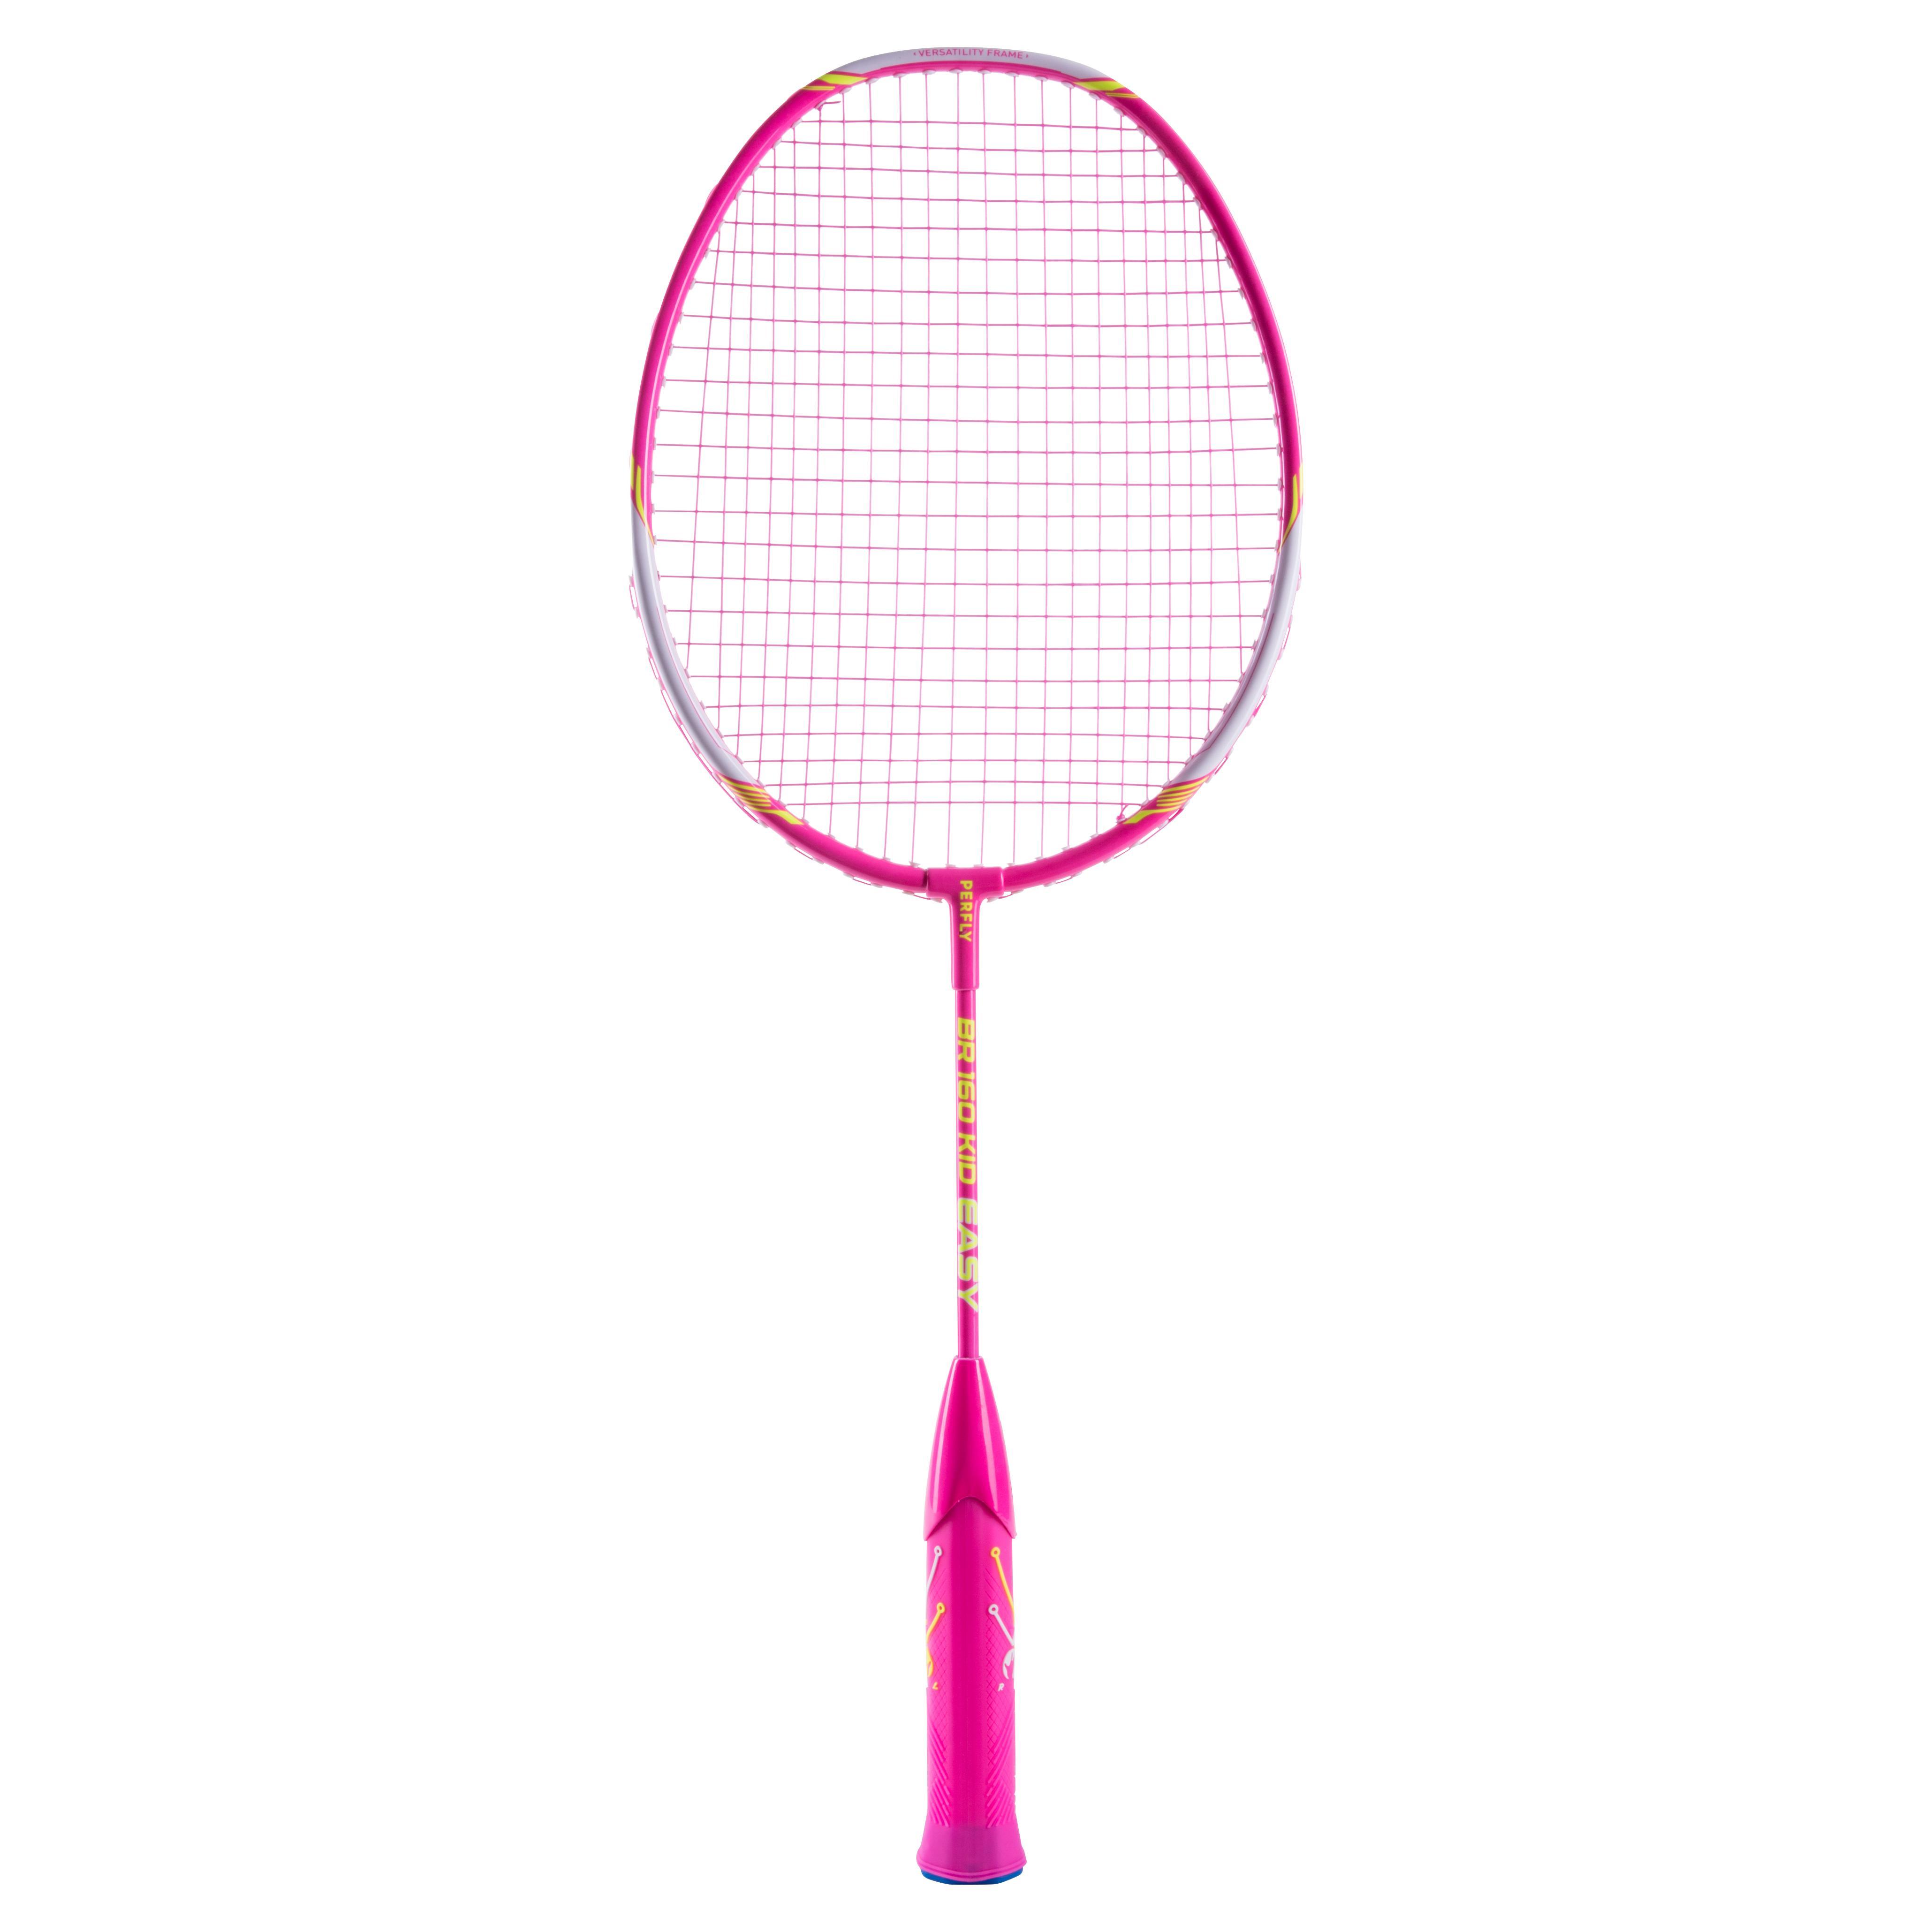 Perfly Raquette De Badminton Enfant BR 160 Easy Grip - Rose - Perfly